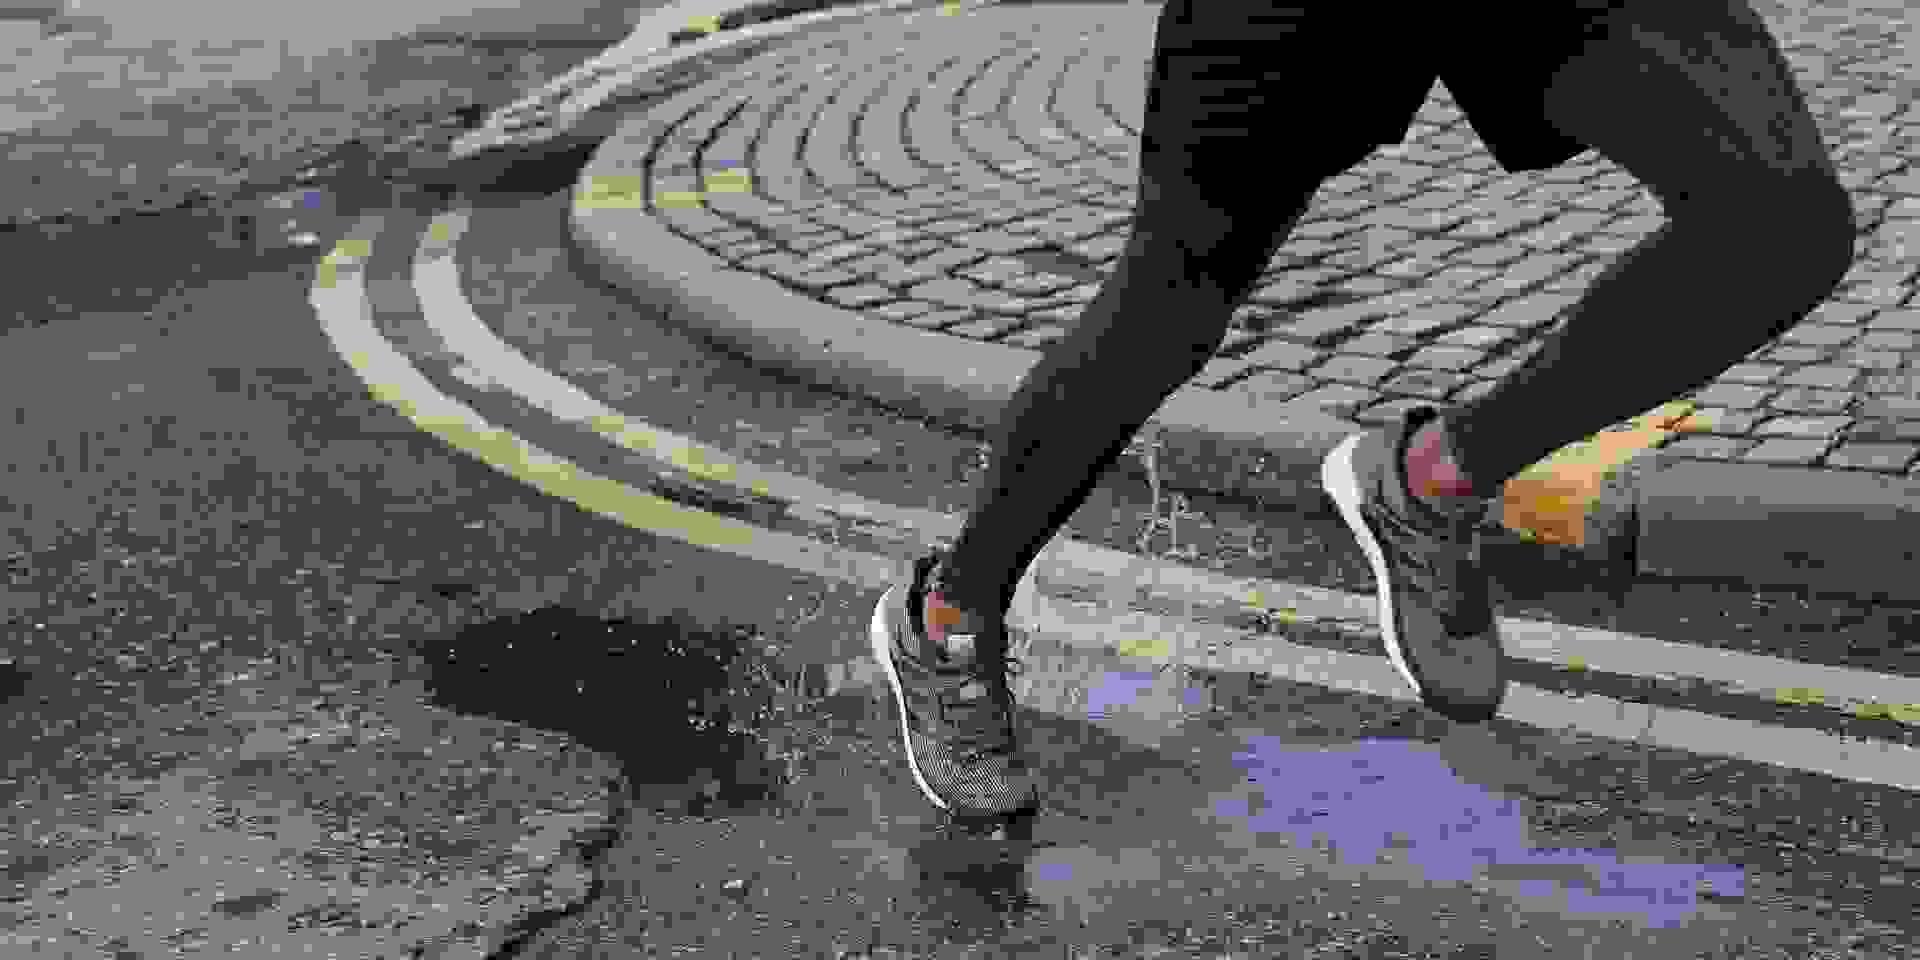 Die Beine eines Läufers der in der Stadt läuft